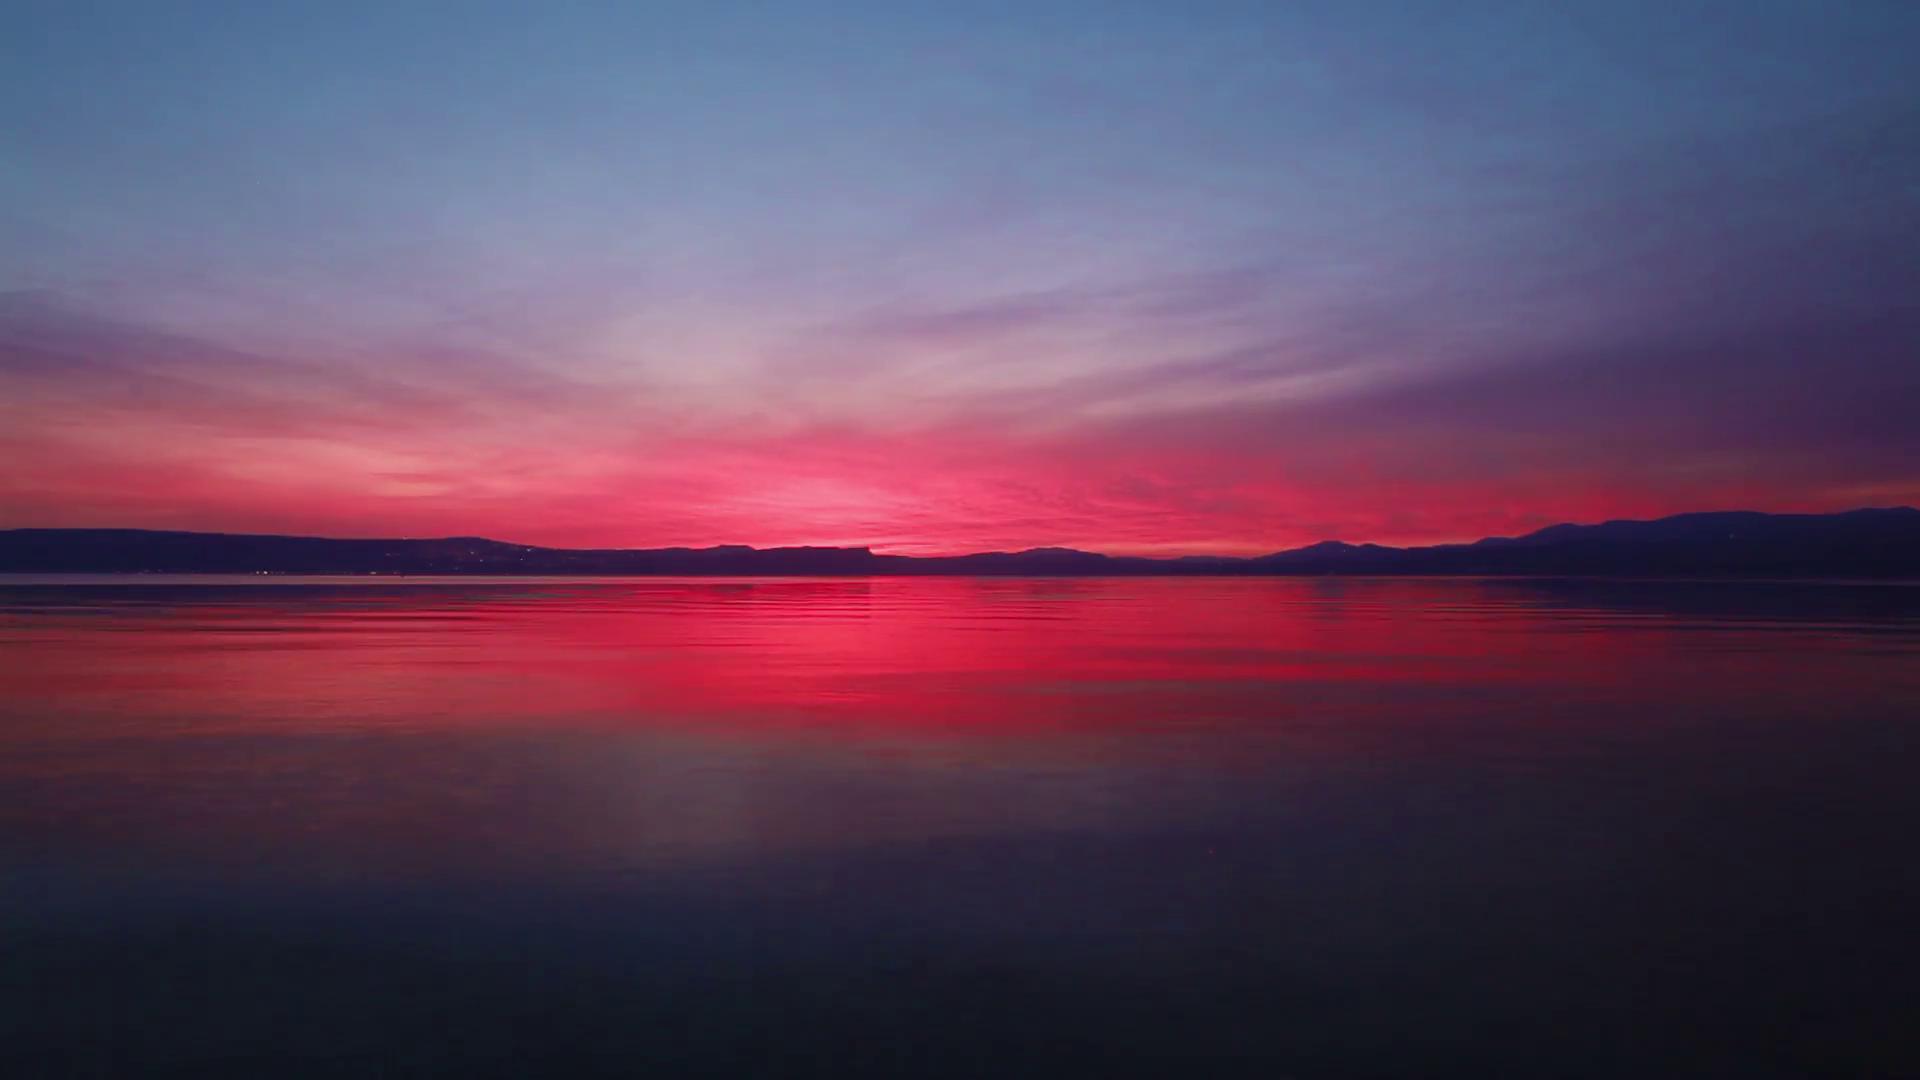 sunset-at-sea-of-galilee-6_bjcnlj_er__F0000